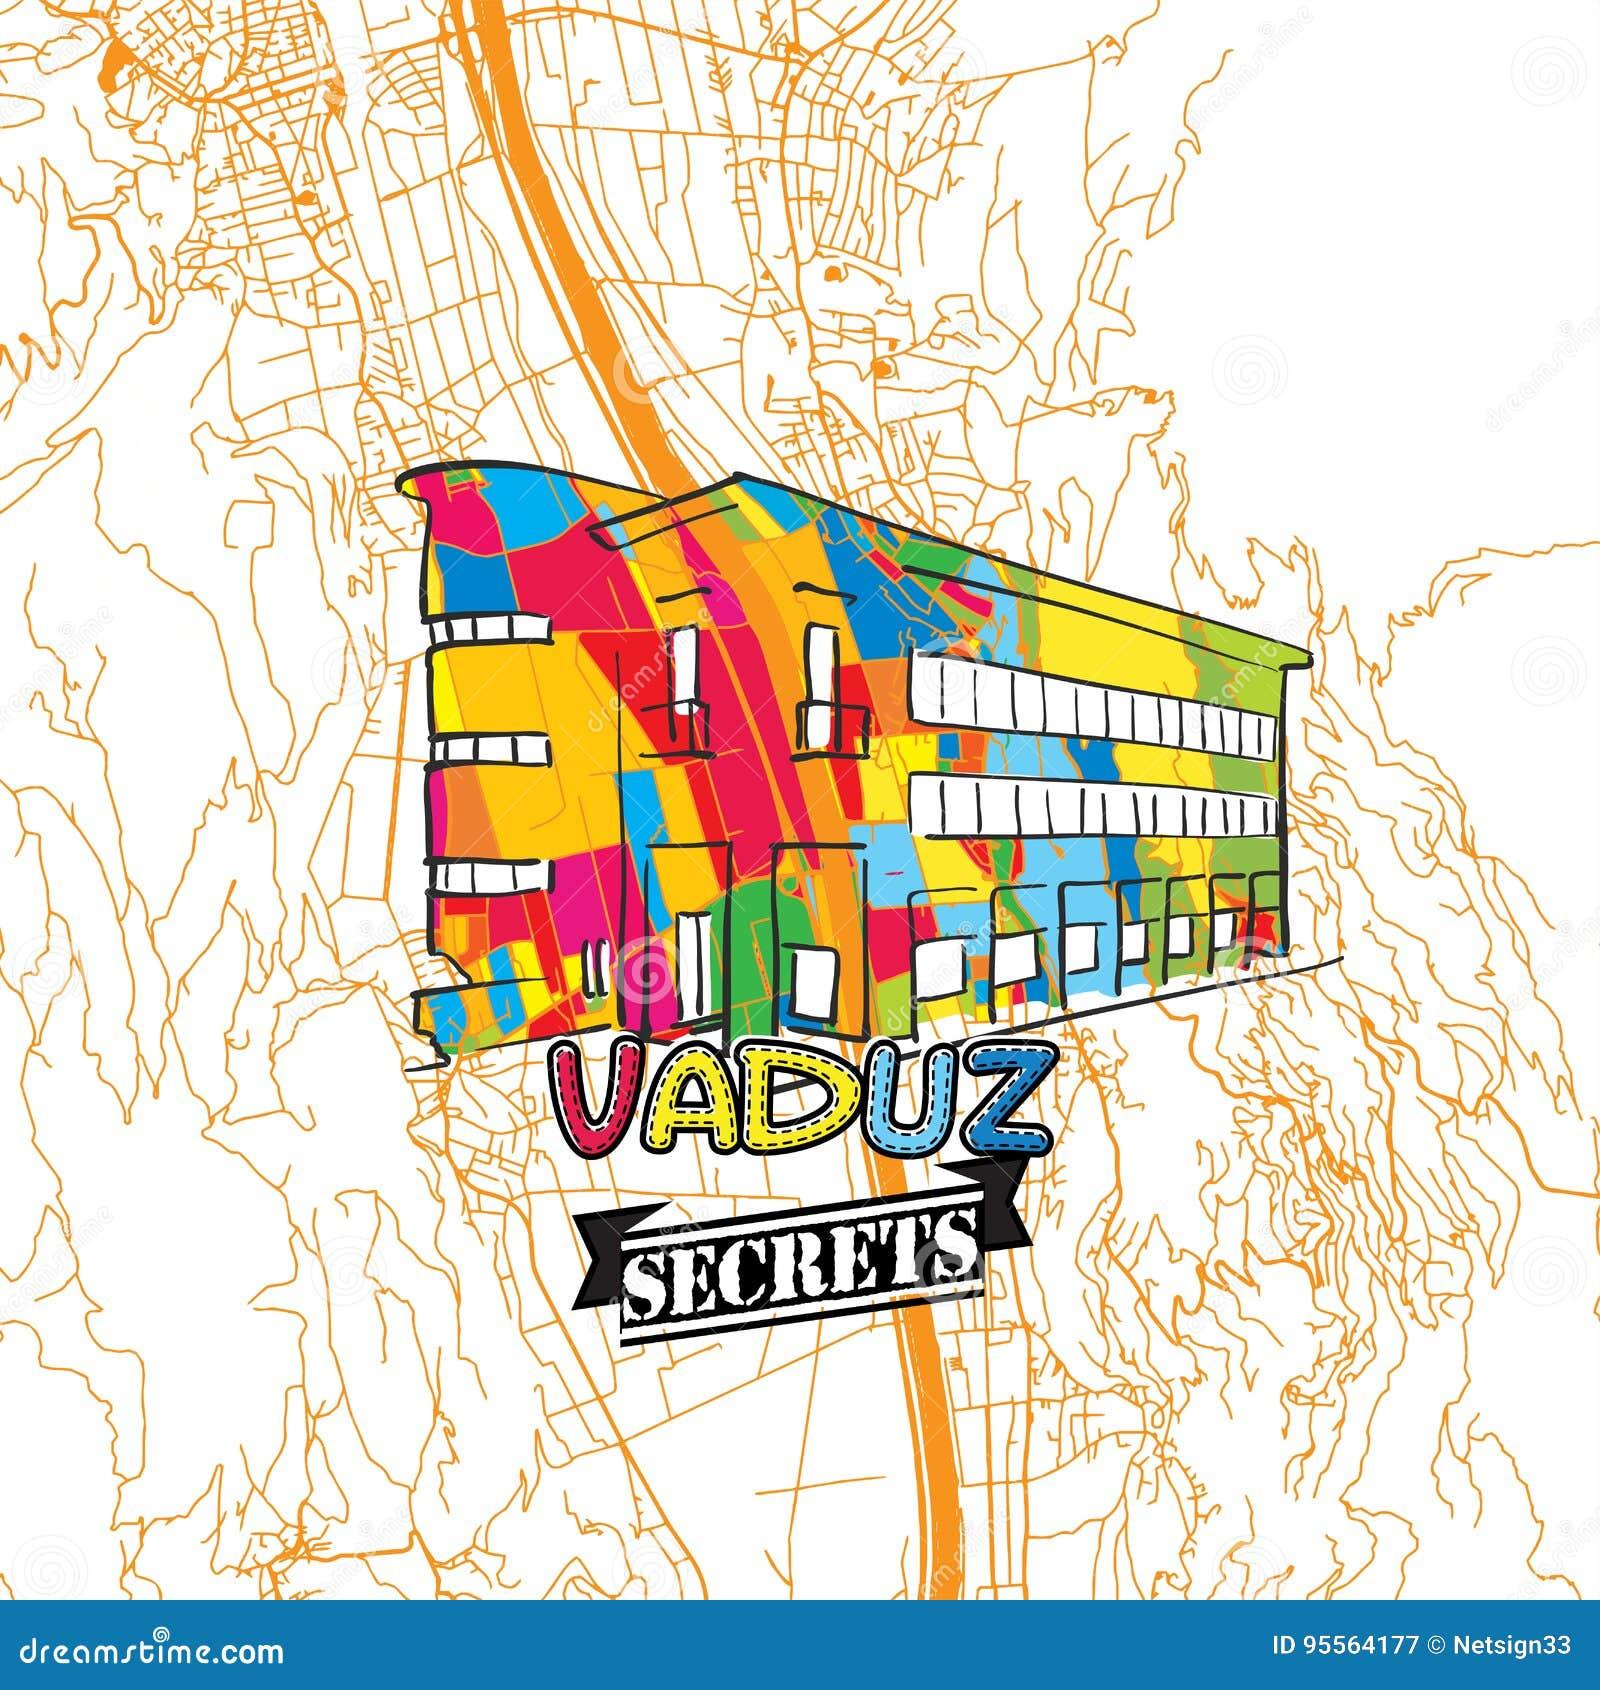 Vaduz Reise Geheimnisse Art Map Vektor Abbildung Illustration Von Geheimnisse Reise 95564177